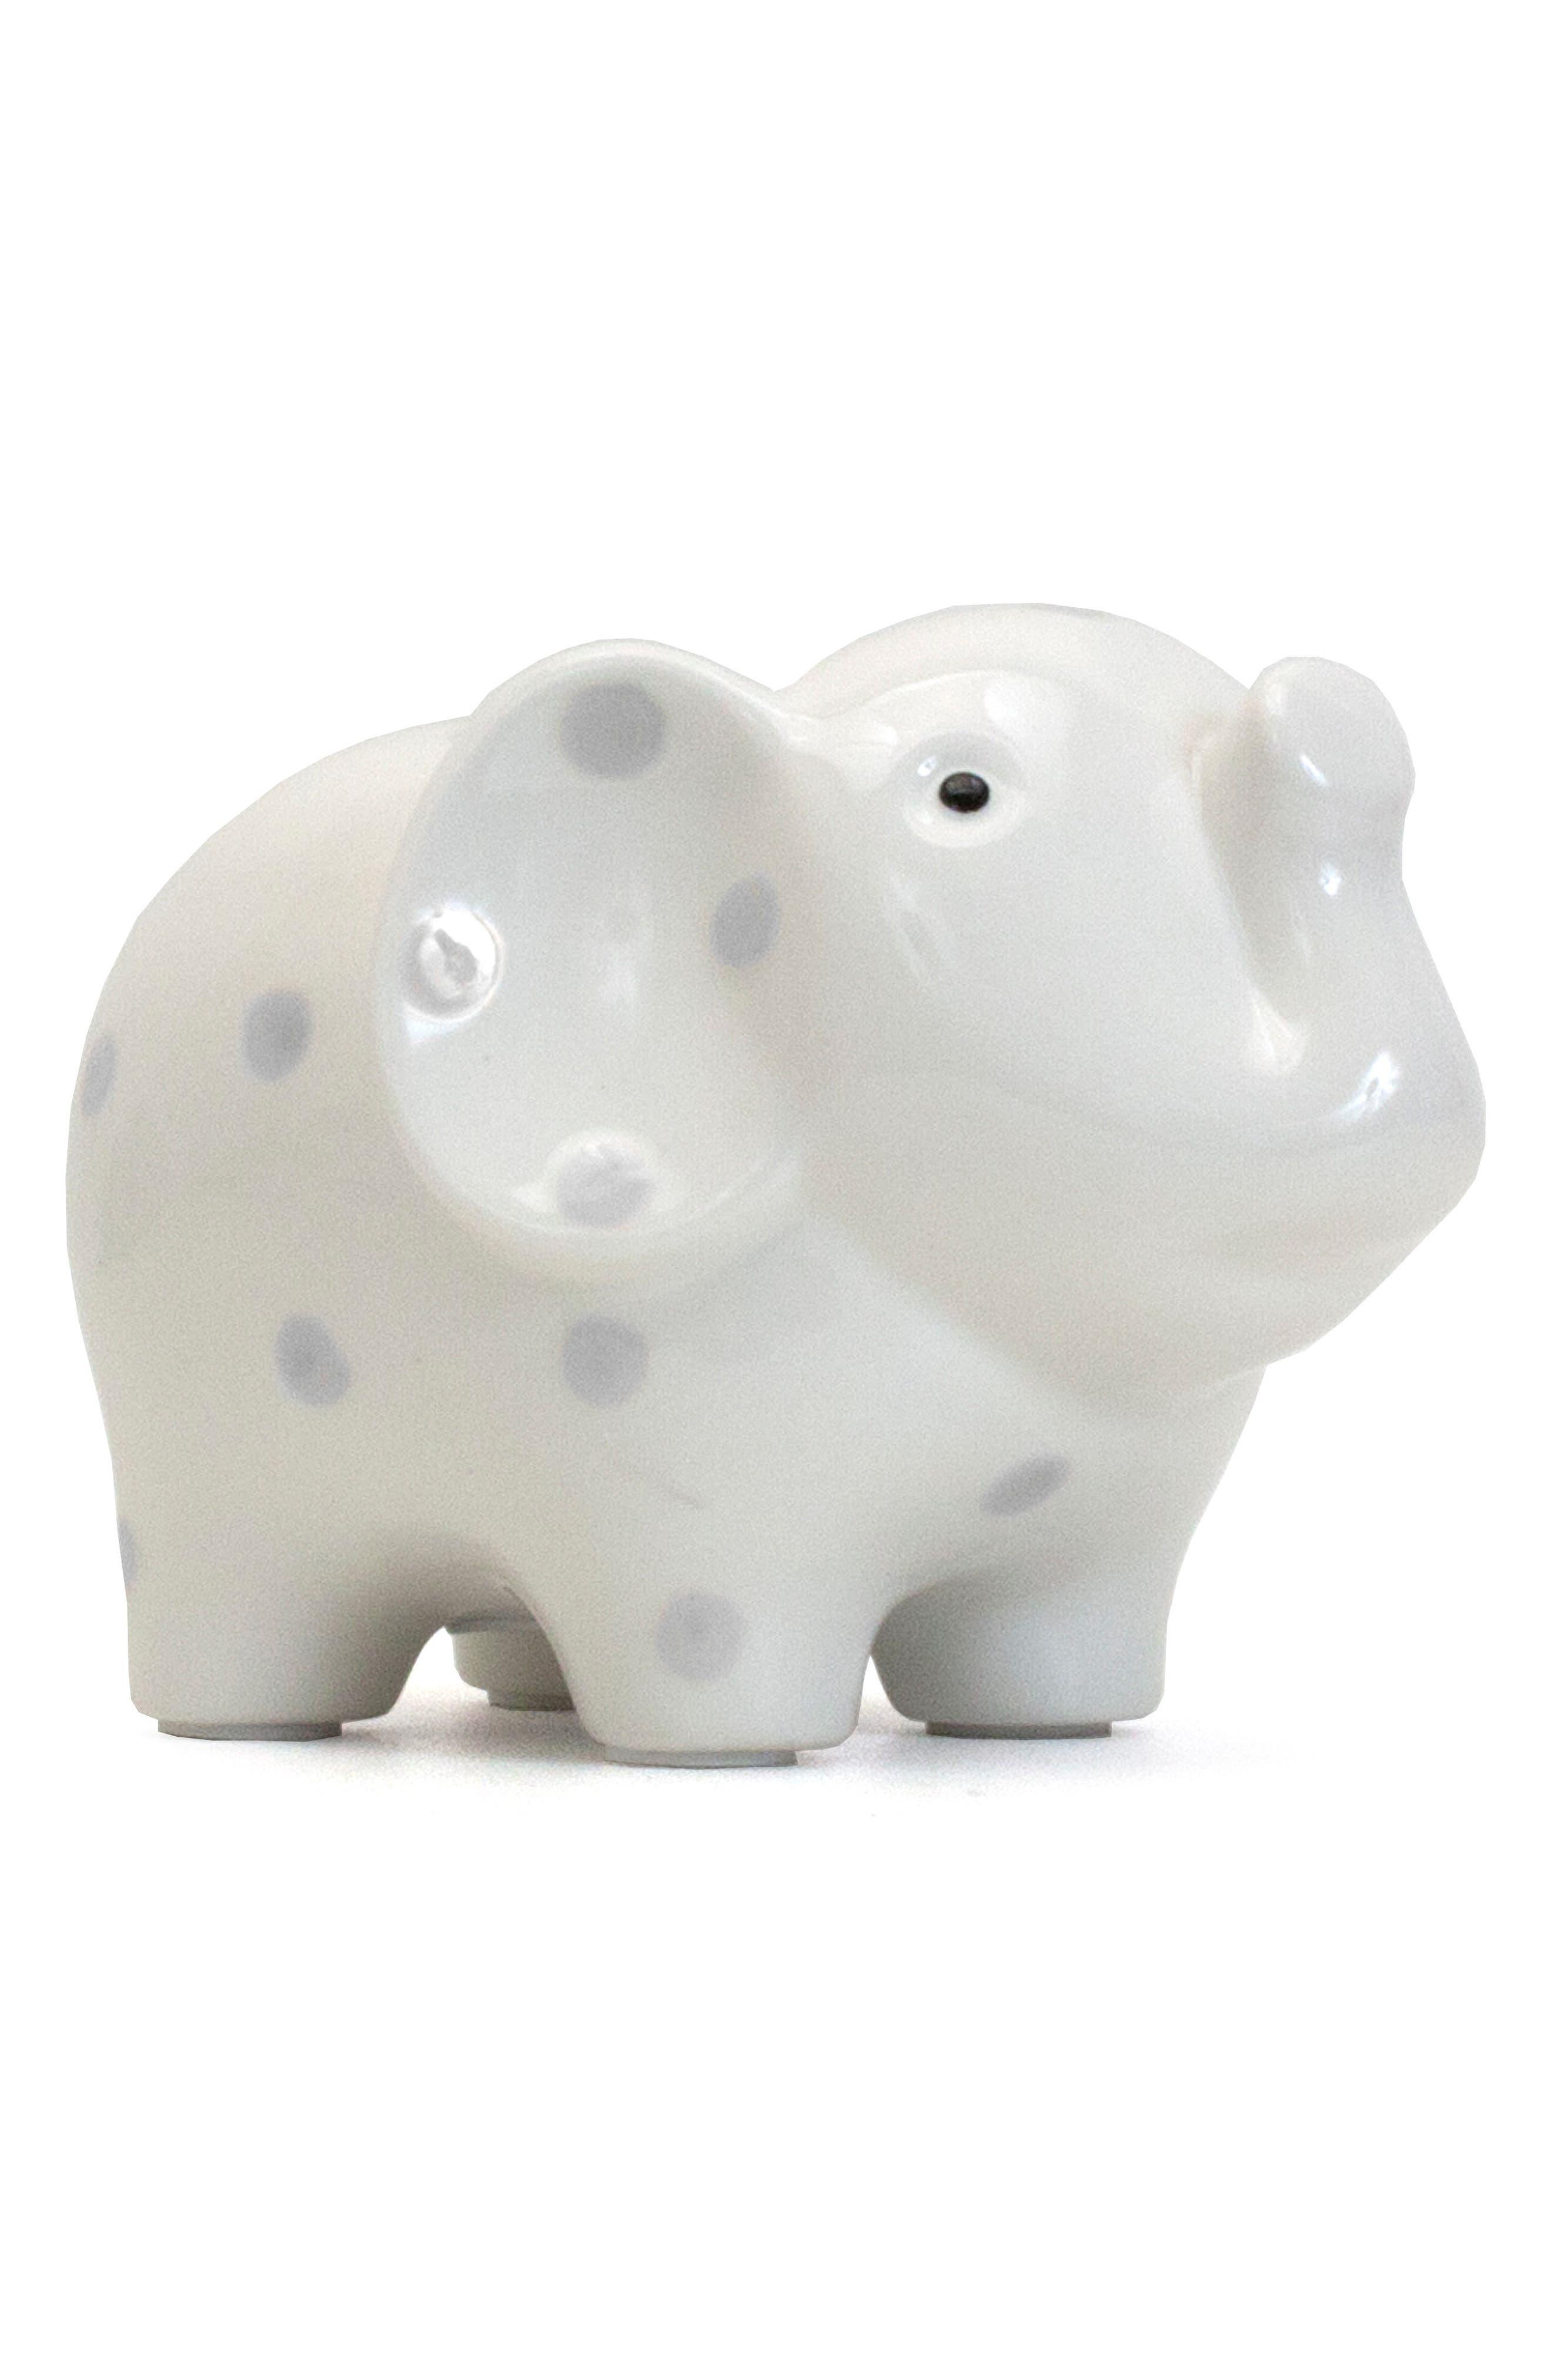 Child to Cherish Polka Dot Elephant Bank